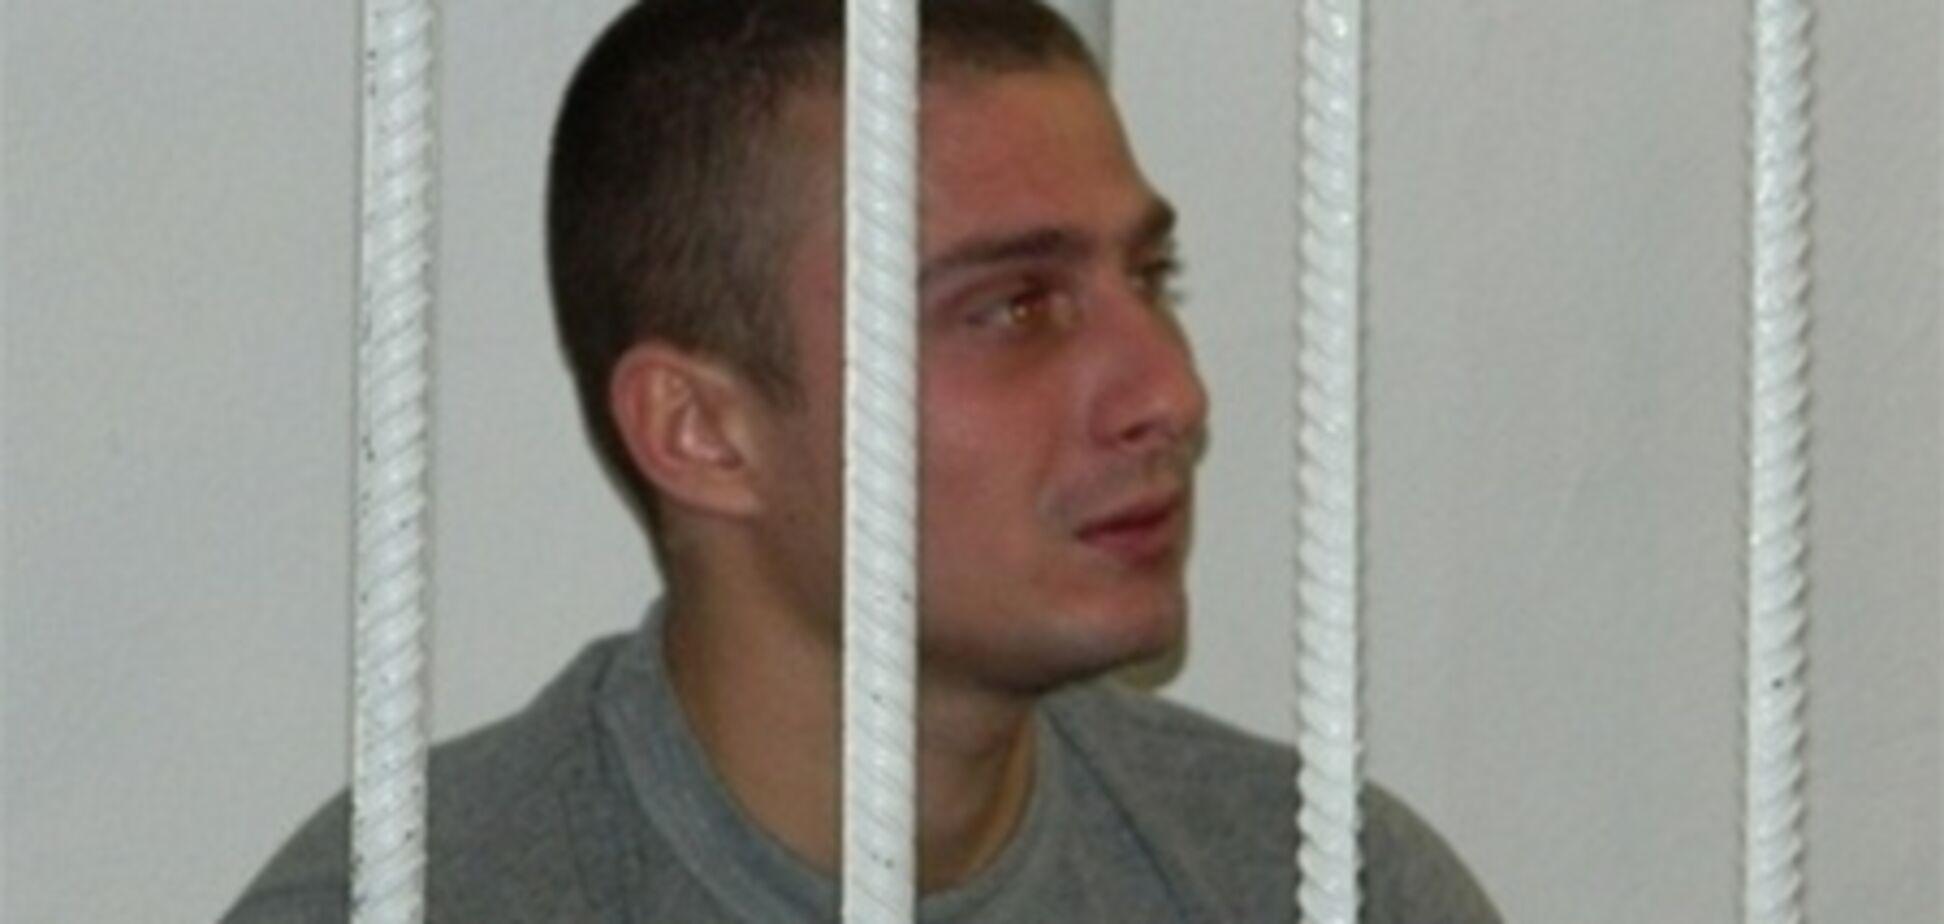 Прокуратура обжалует приговор по делу Саши Поповой